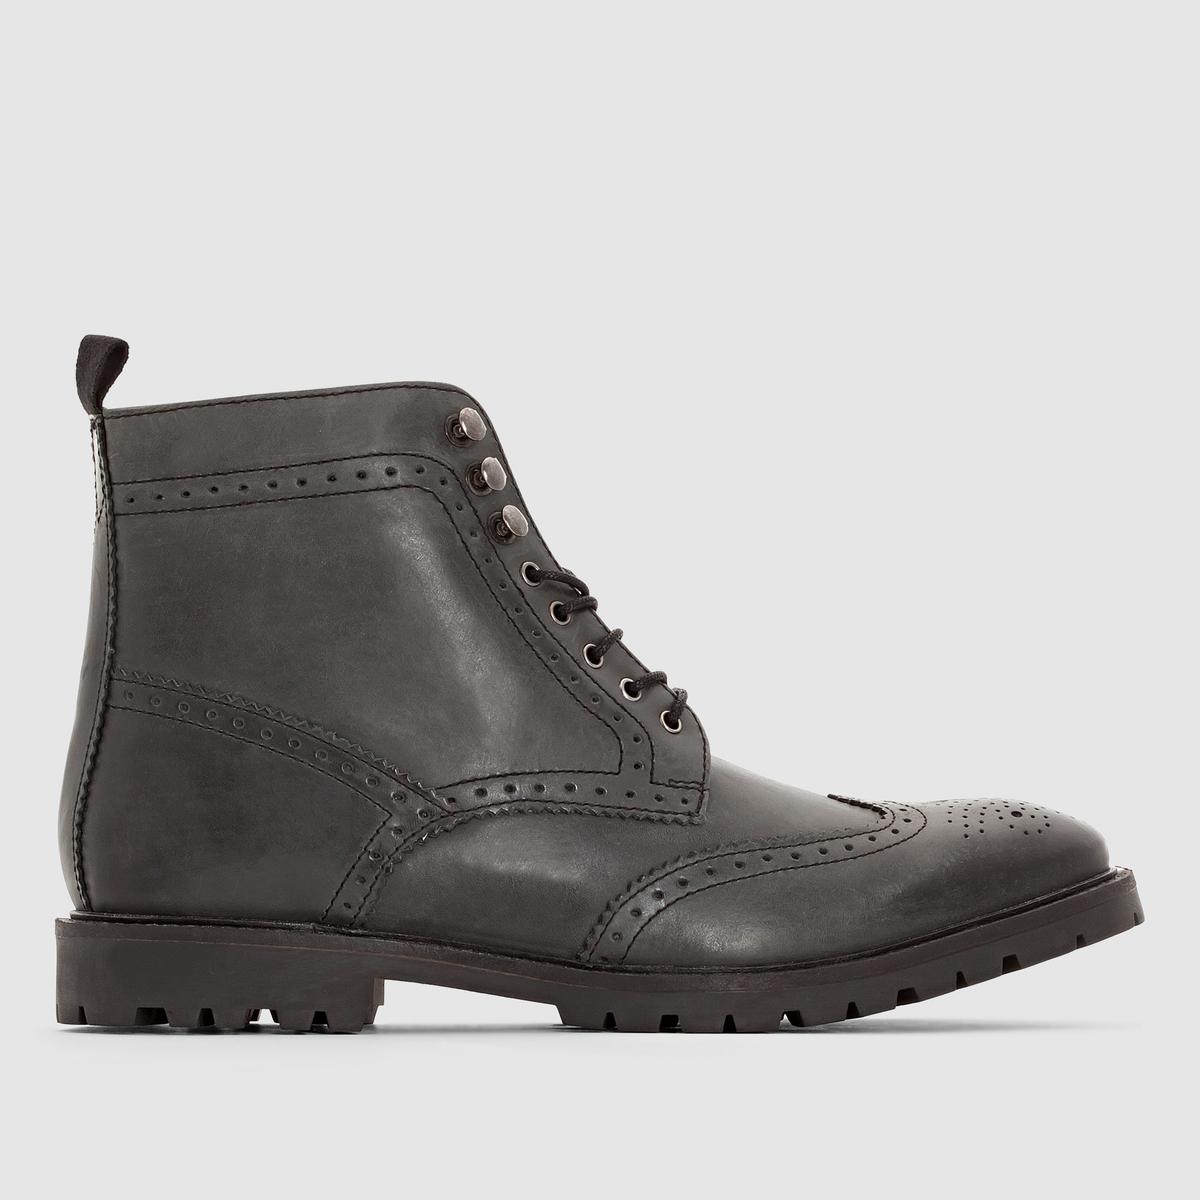 Ботильоны из кожи BASE LONDON TROOPПреимущества : ботильоны BASE LONDON на шнуровке, рифленой подошве и с очень стильным носком с цветочным принтом, модная кожа с эффектом патины .<br><br>Цвет: черный<br>Размер: 44